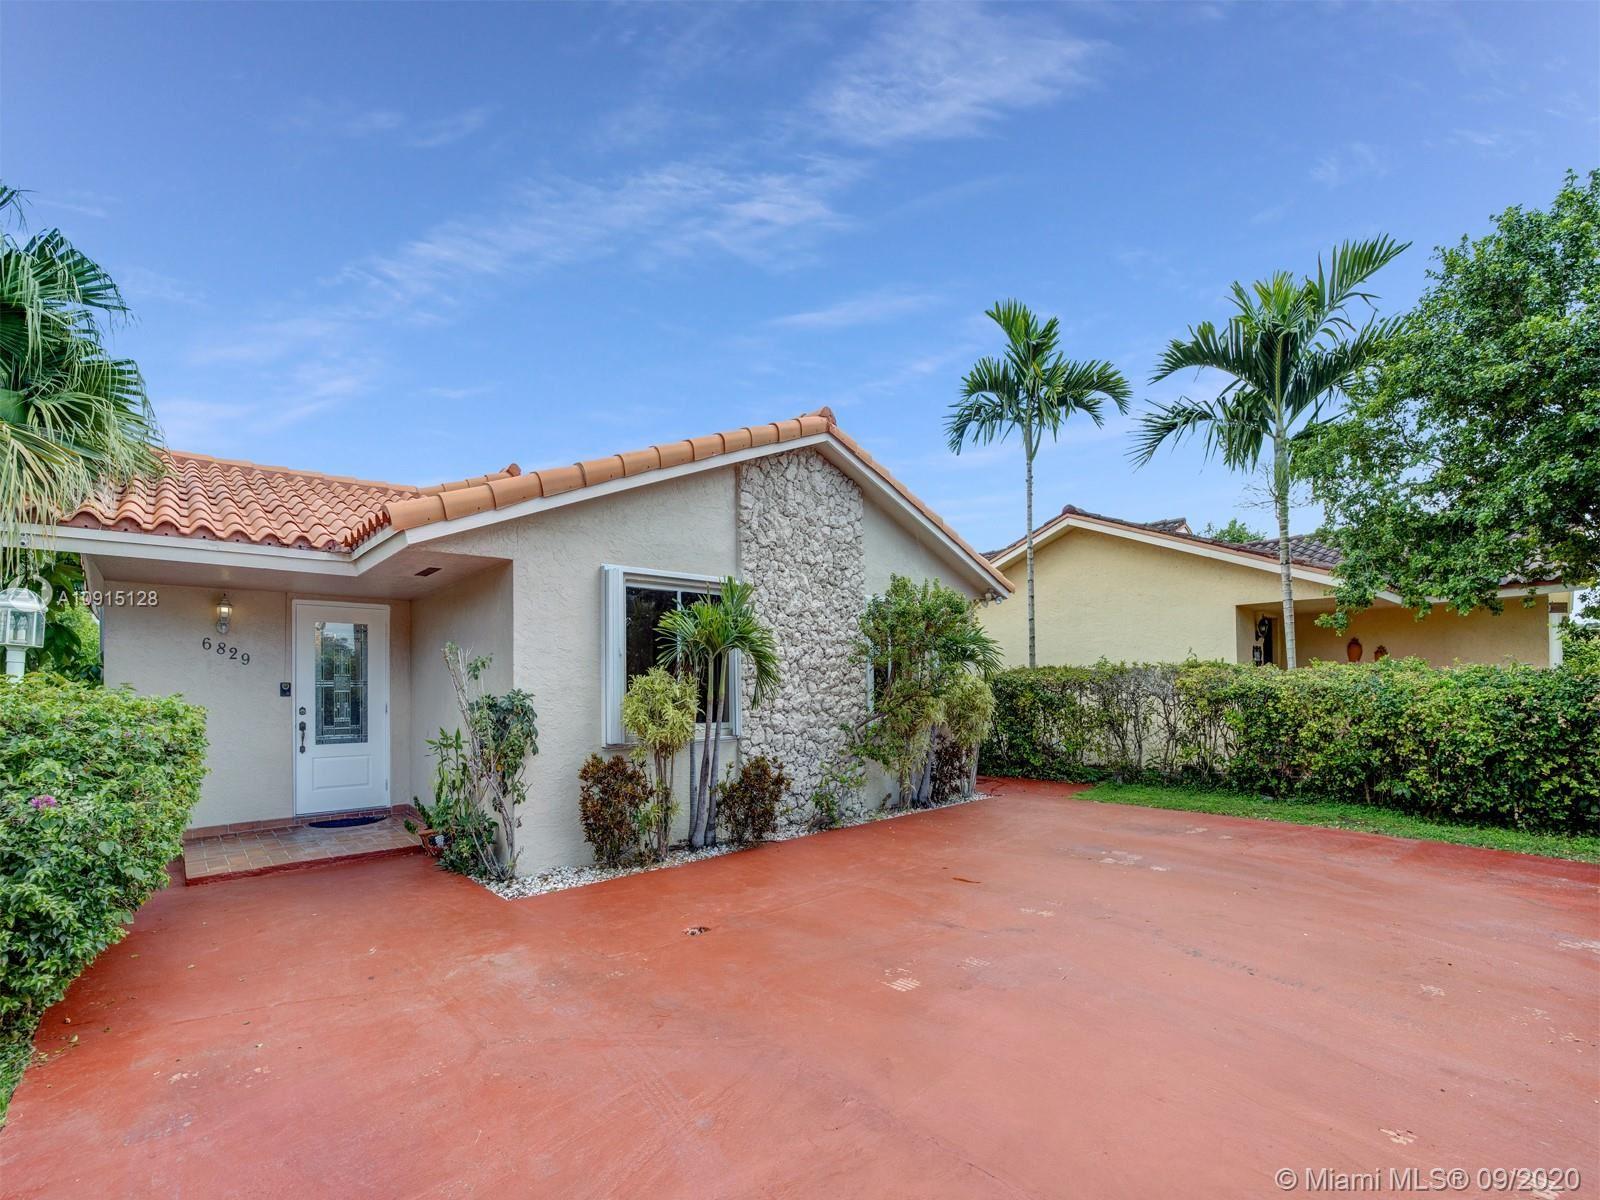 6829 SW 106th Ct, Miami, FL 33173 - #: A10915128